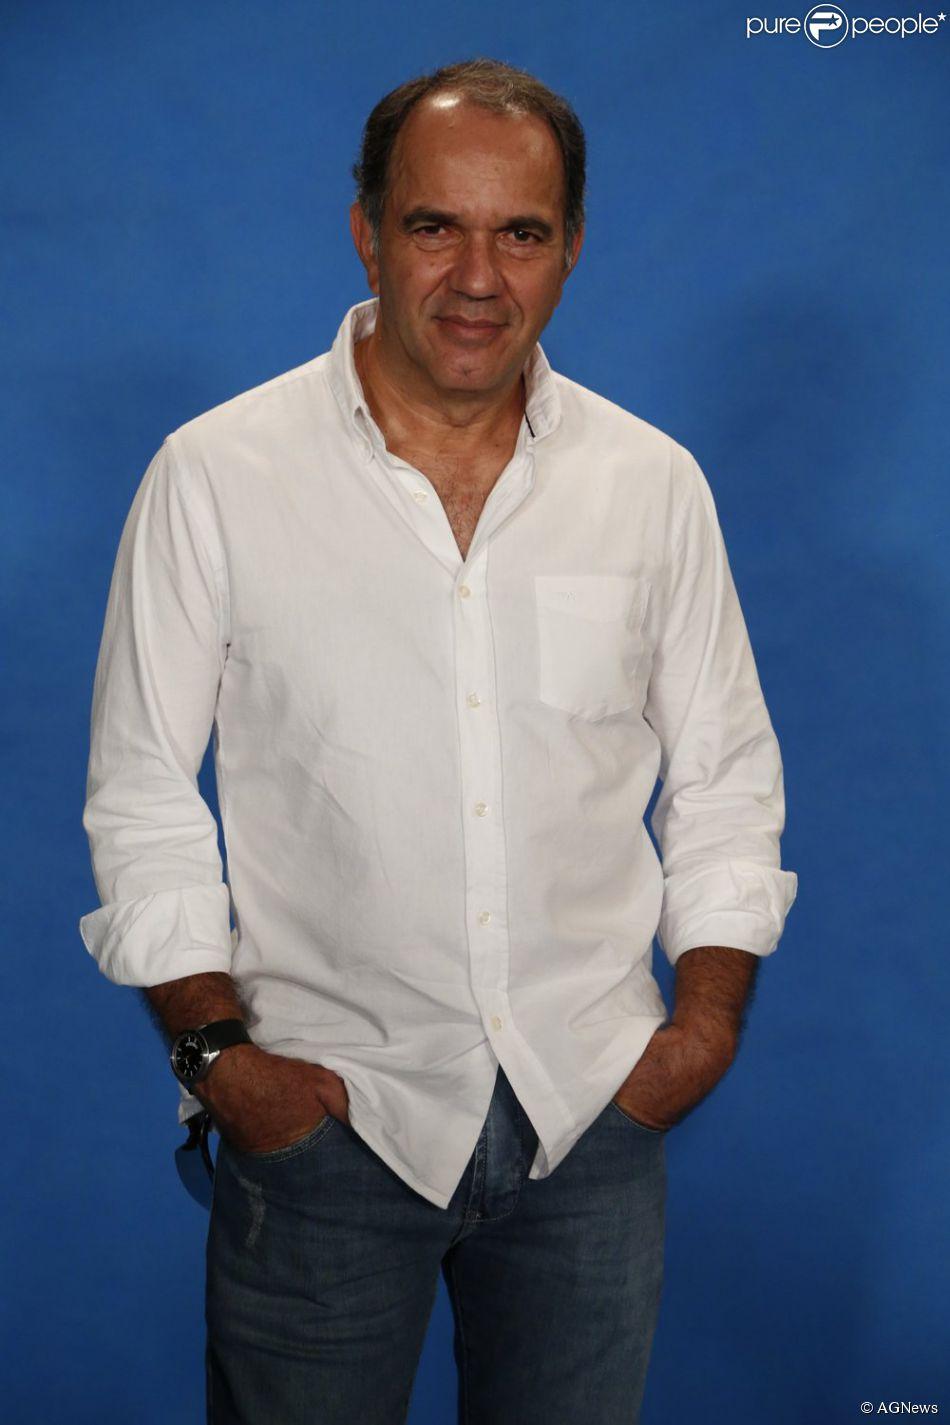 Na novela 'Em família' Humberto Martins viverá o personagel Virgílio, um homem 'paciente e muito centrado'